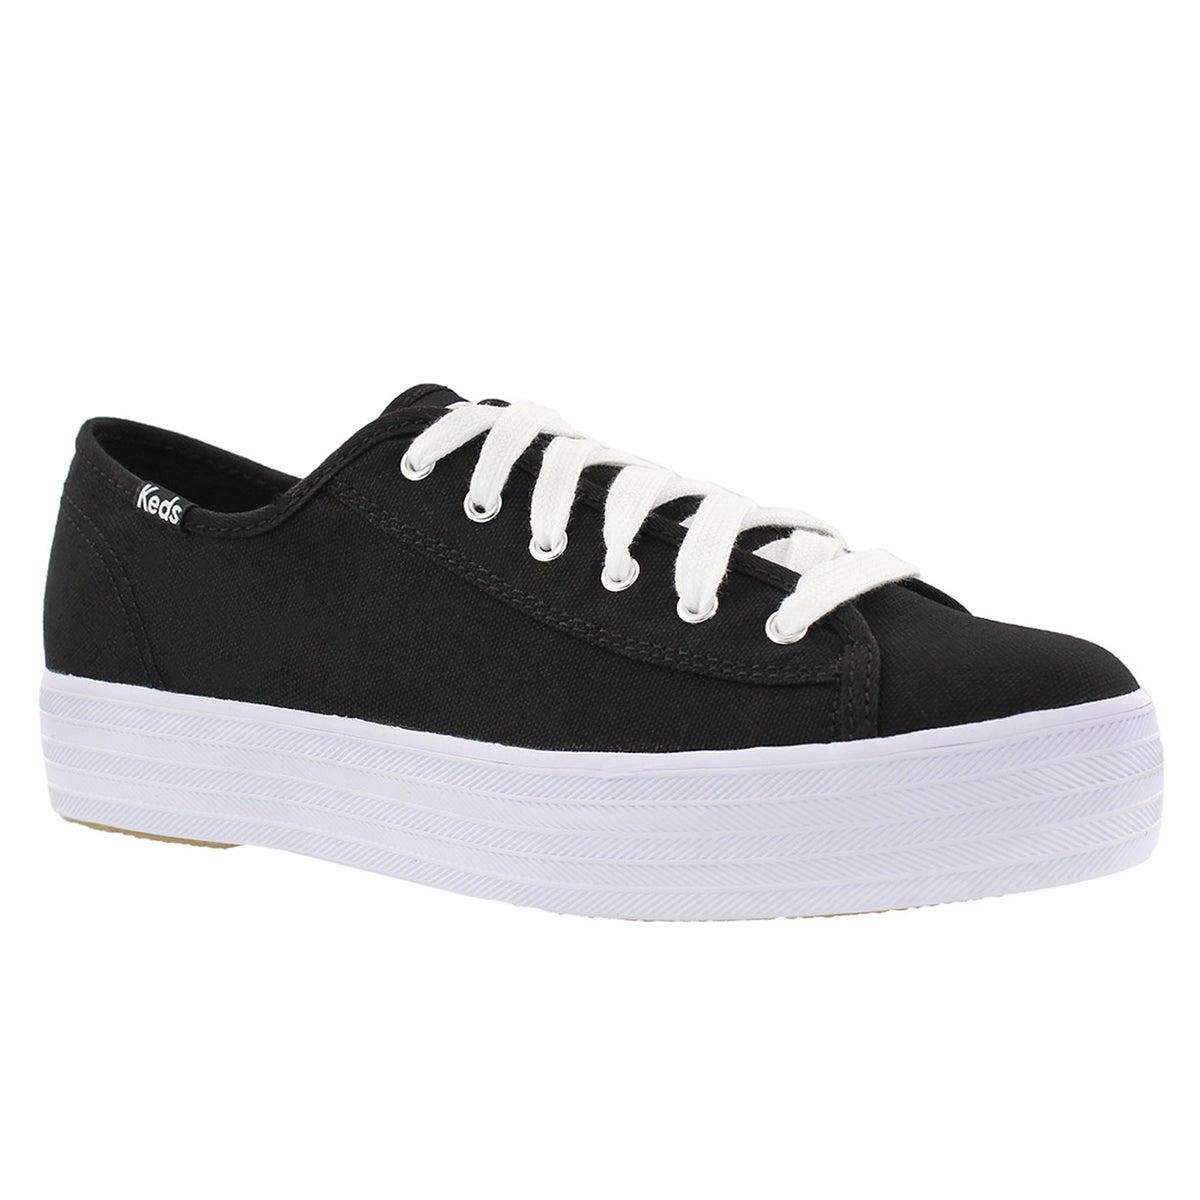 Women's TRIPLE KICK black/white sneakers